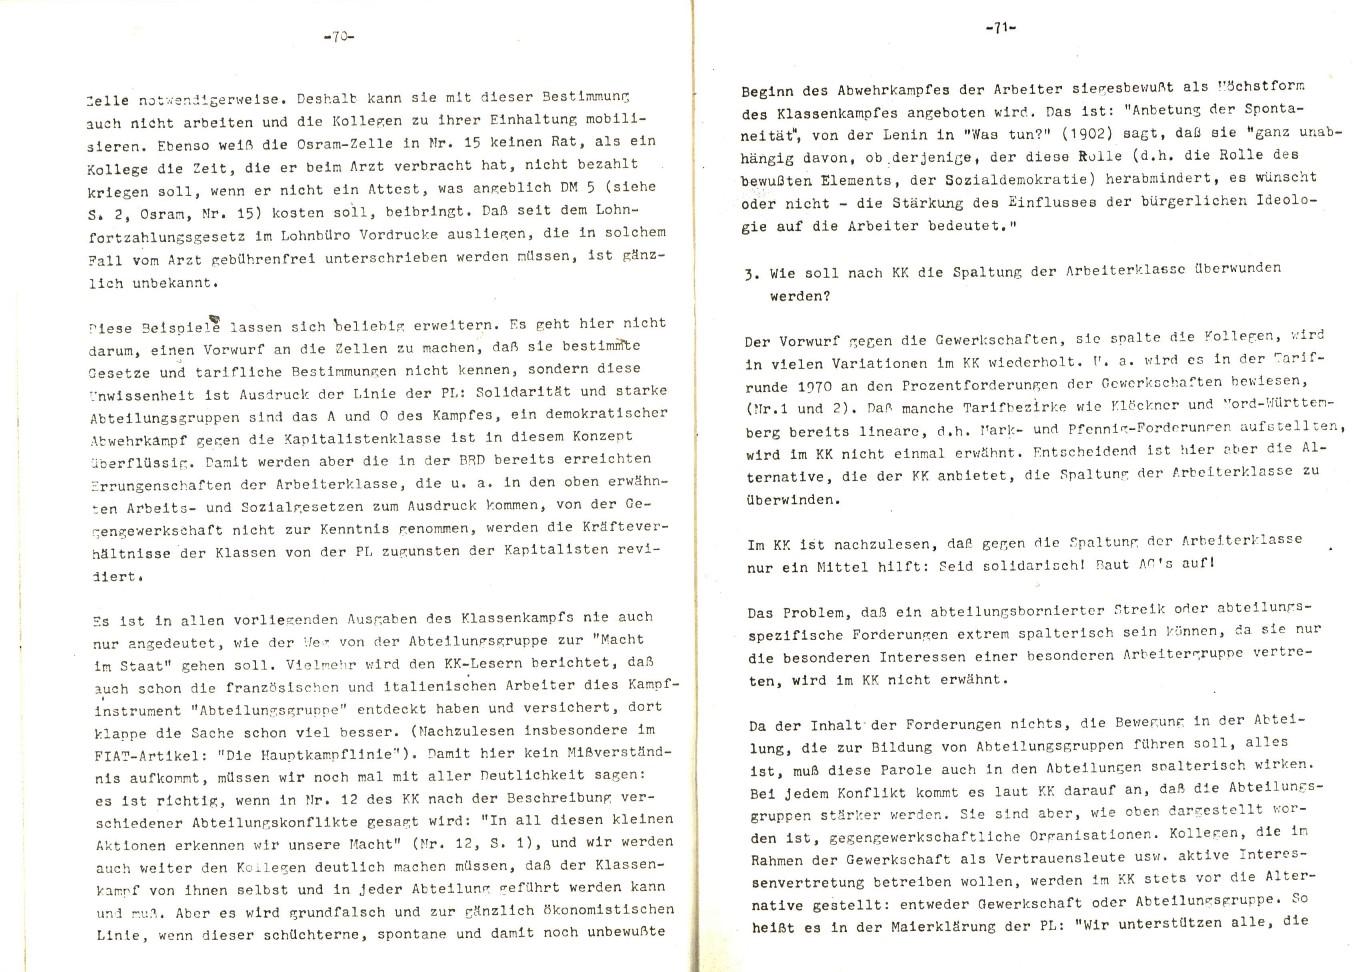 PLPI_1971_Aufloesung_38